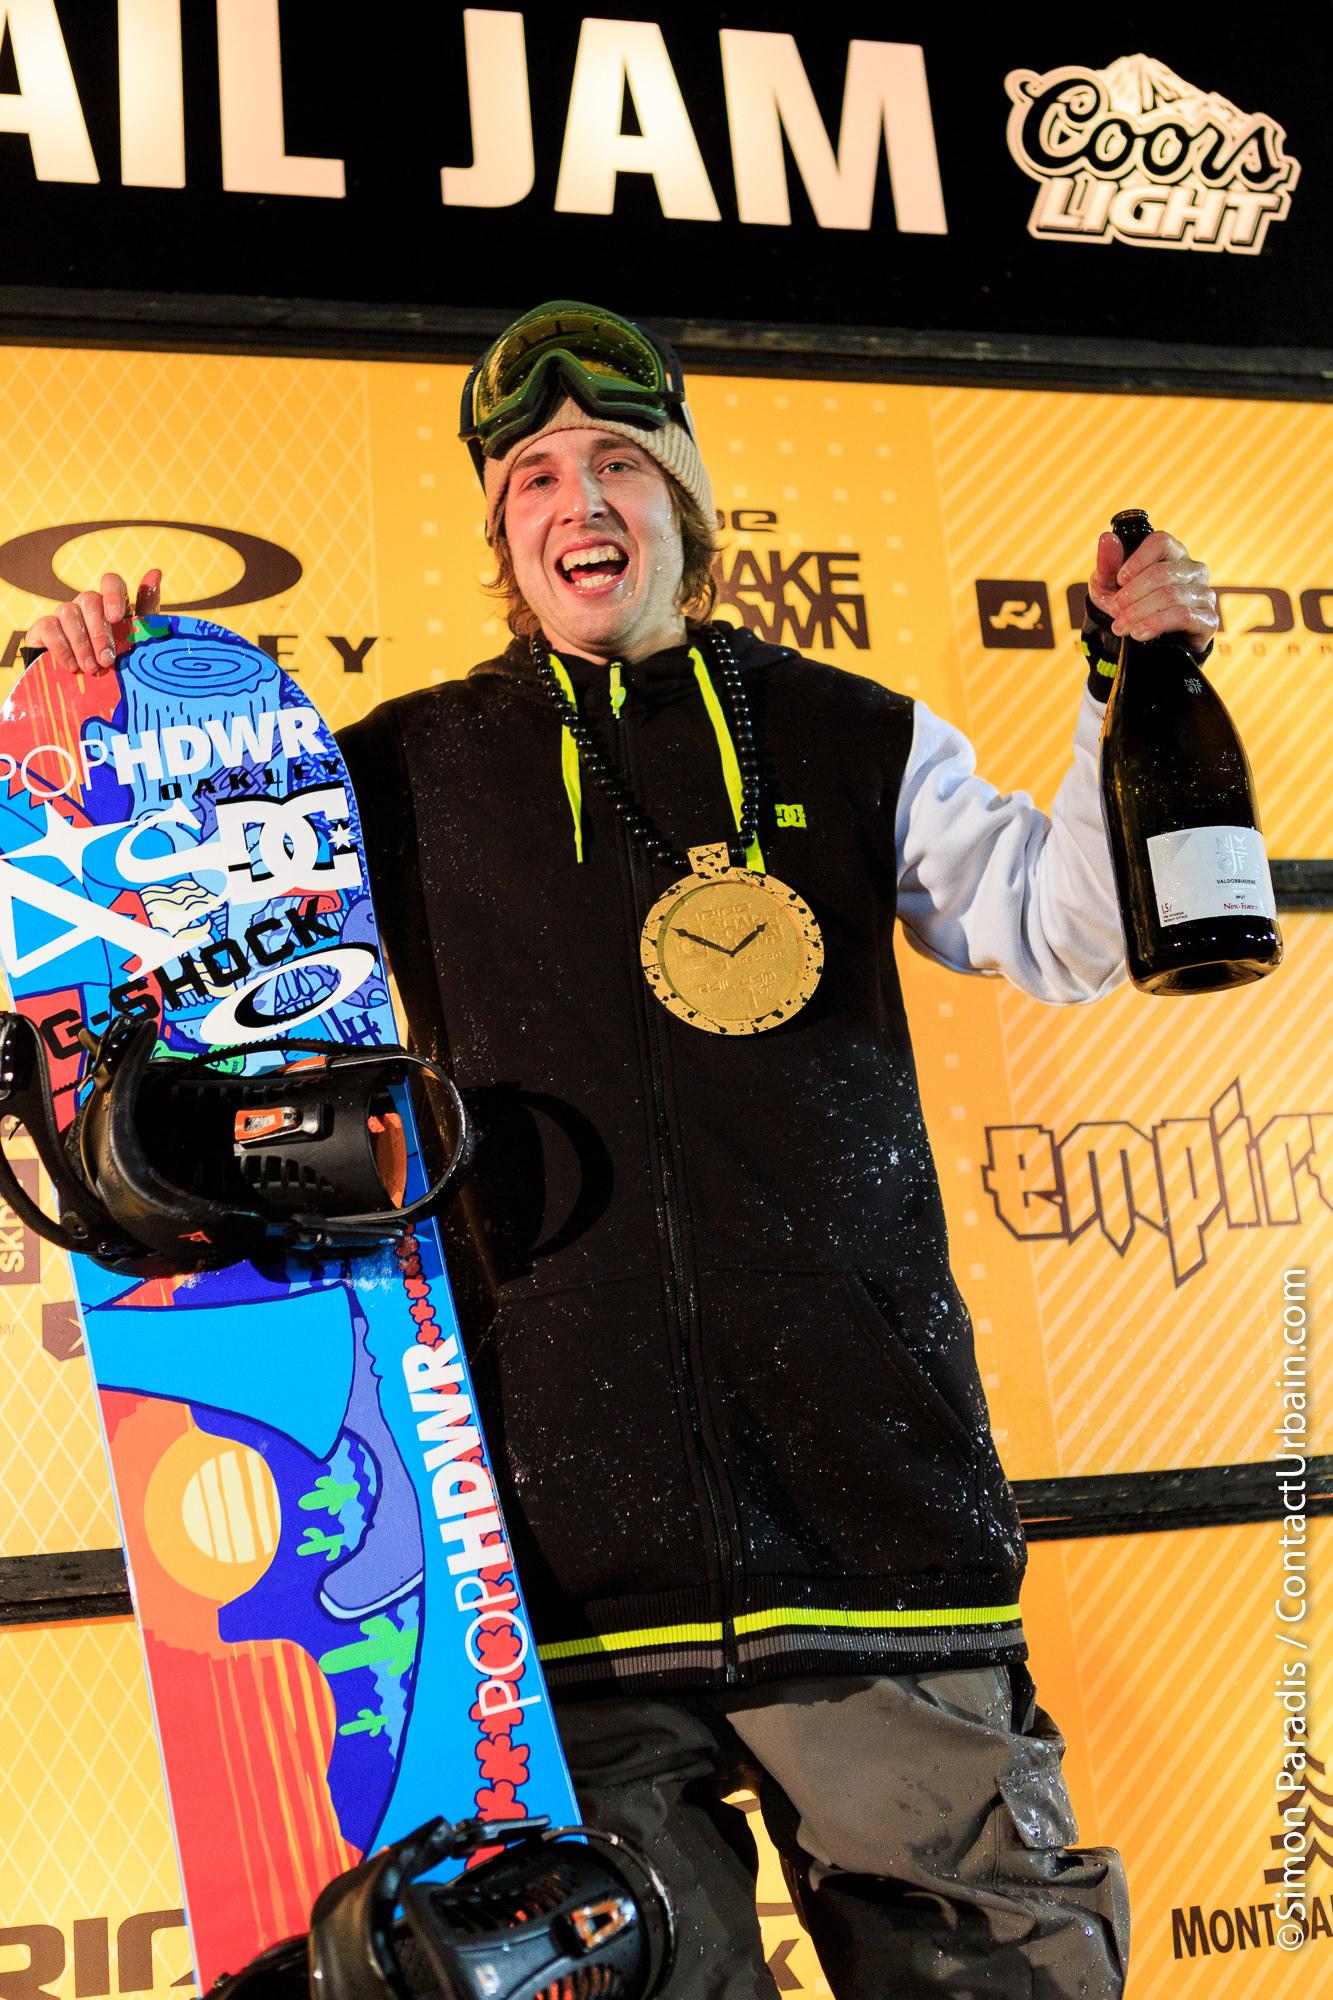 Jeremy Cloutier, winner of Ride Shakedown 2013 - Saint-Sauveur, Qc